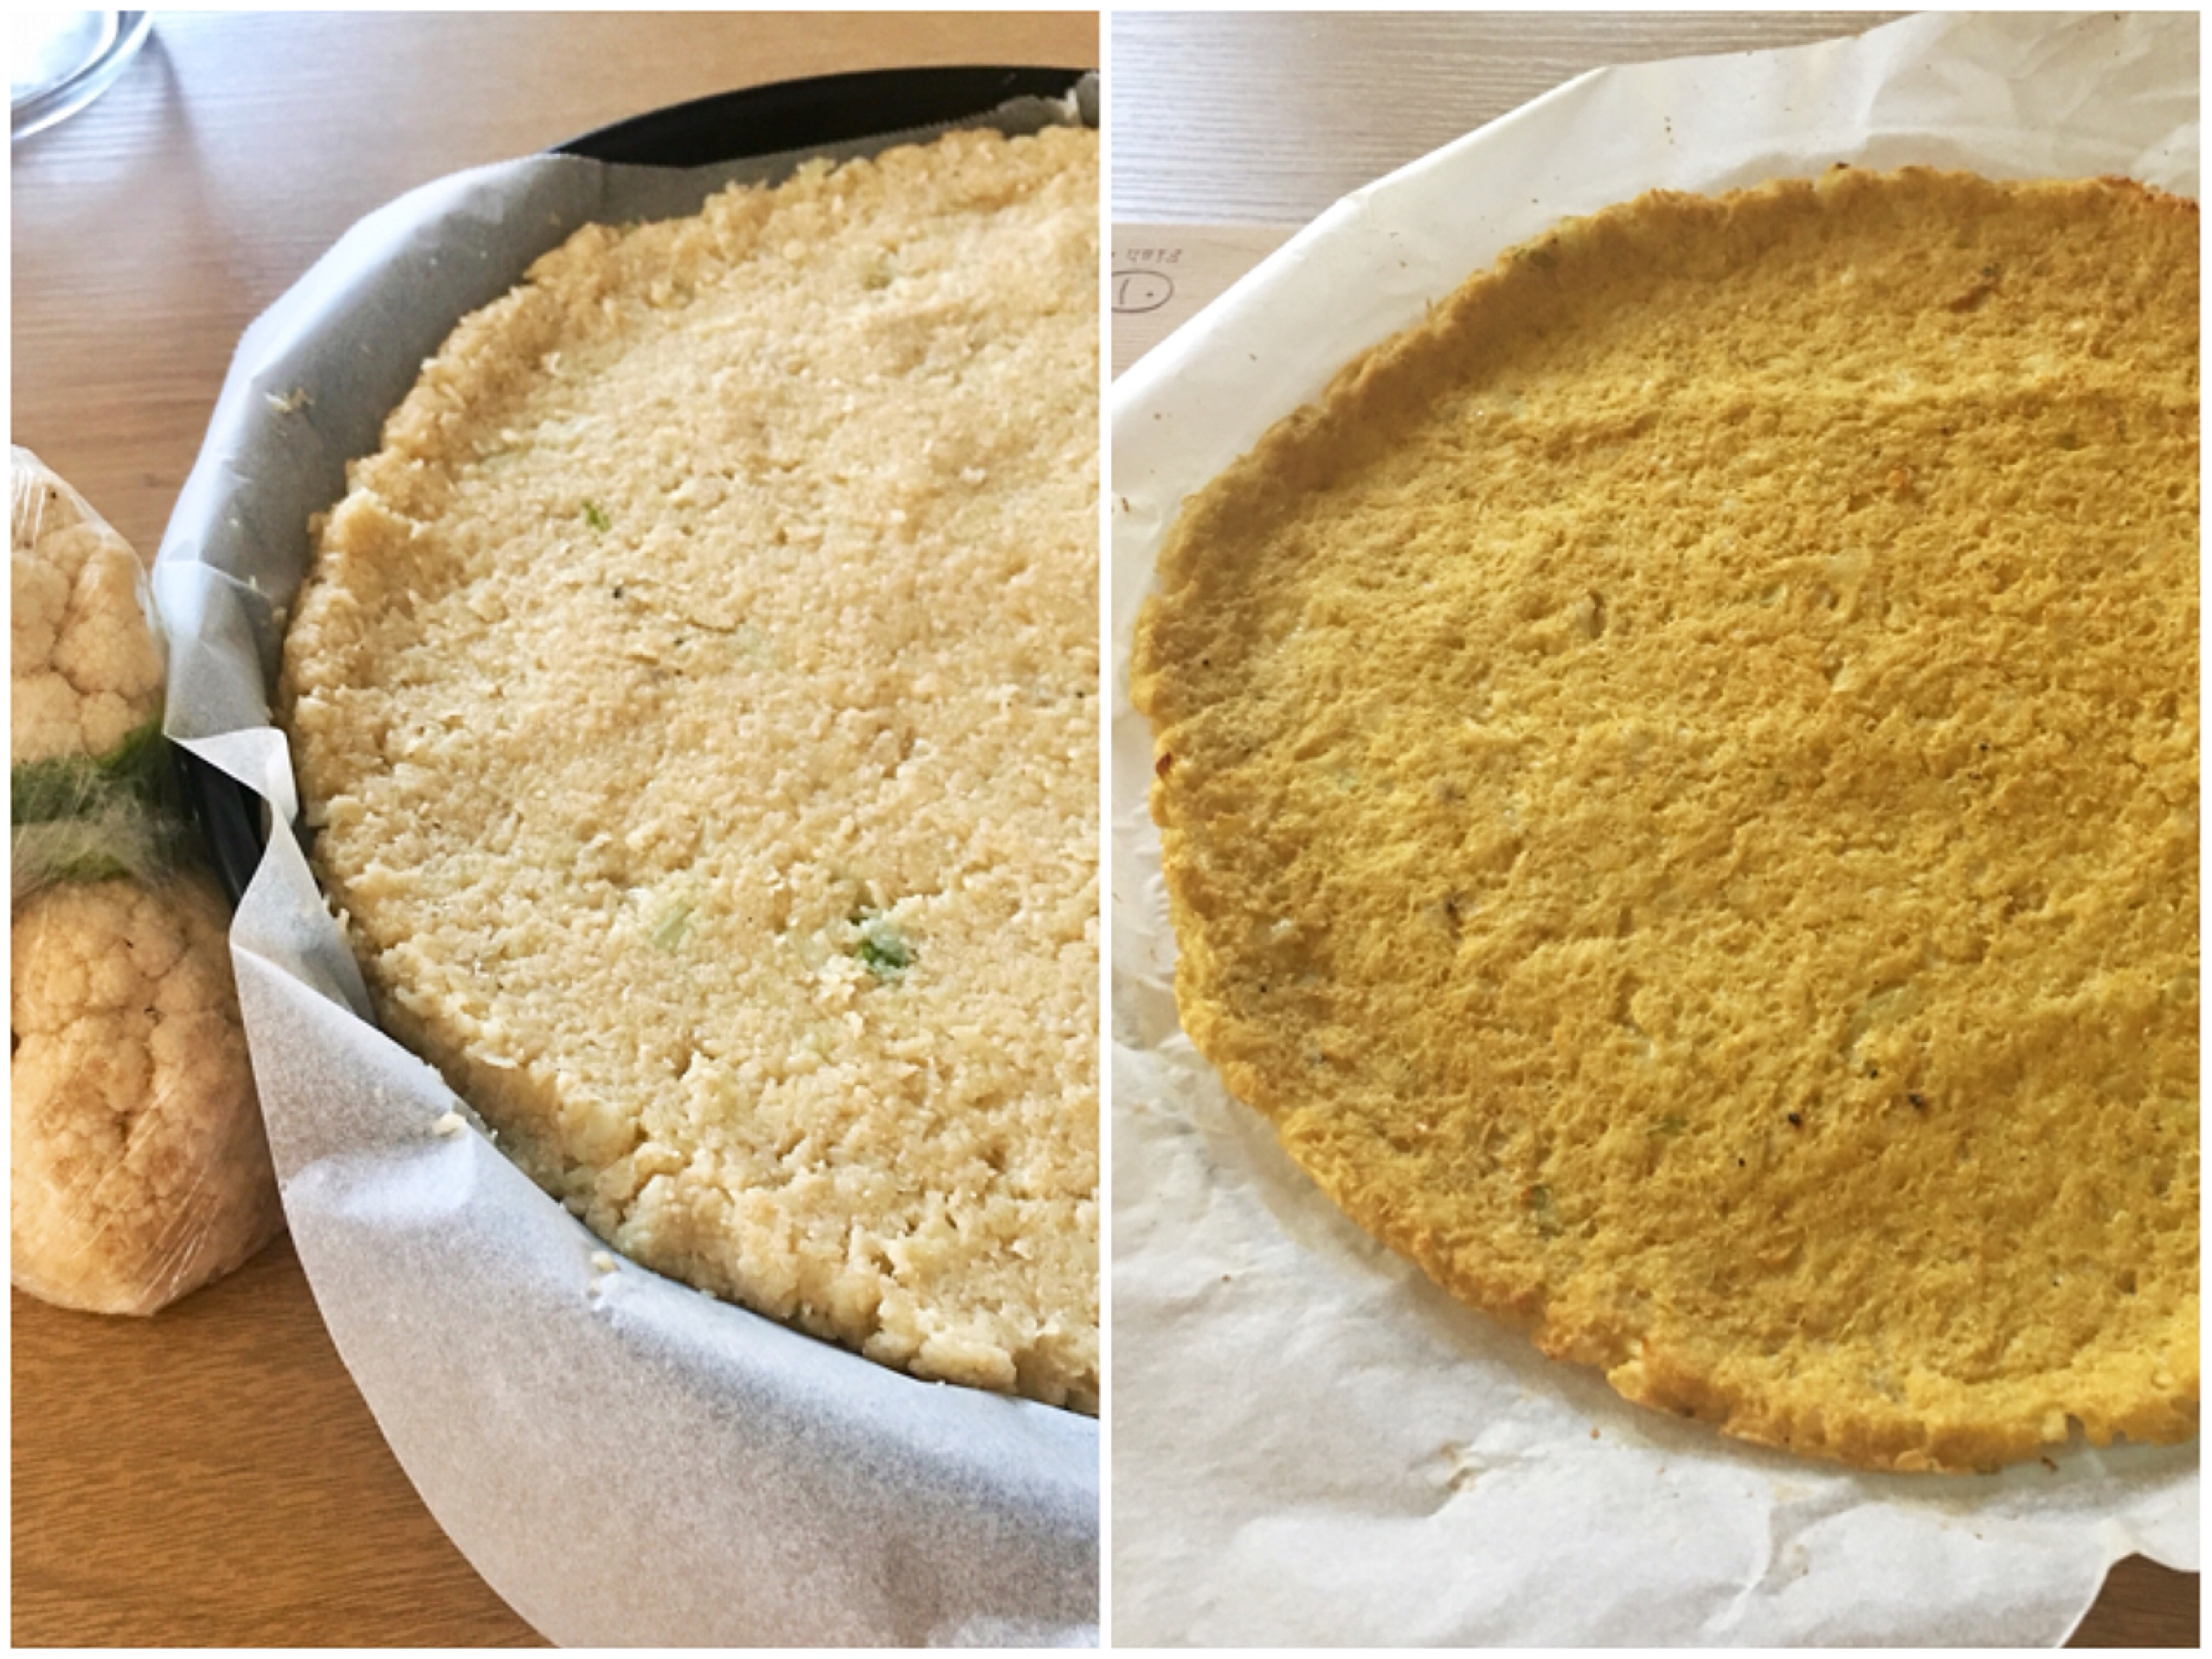 Chef John's Cauliflower Pizza Crust PJpipii